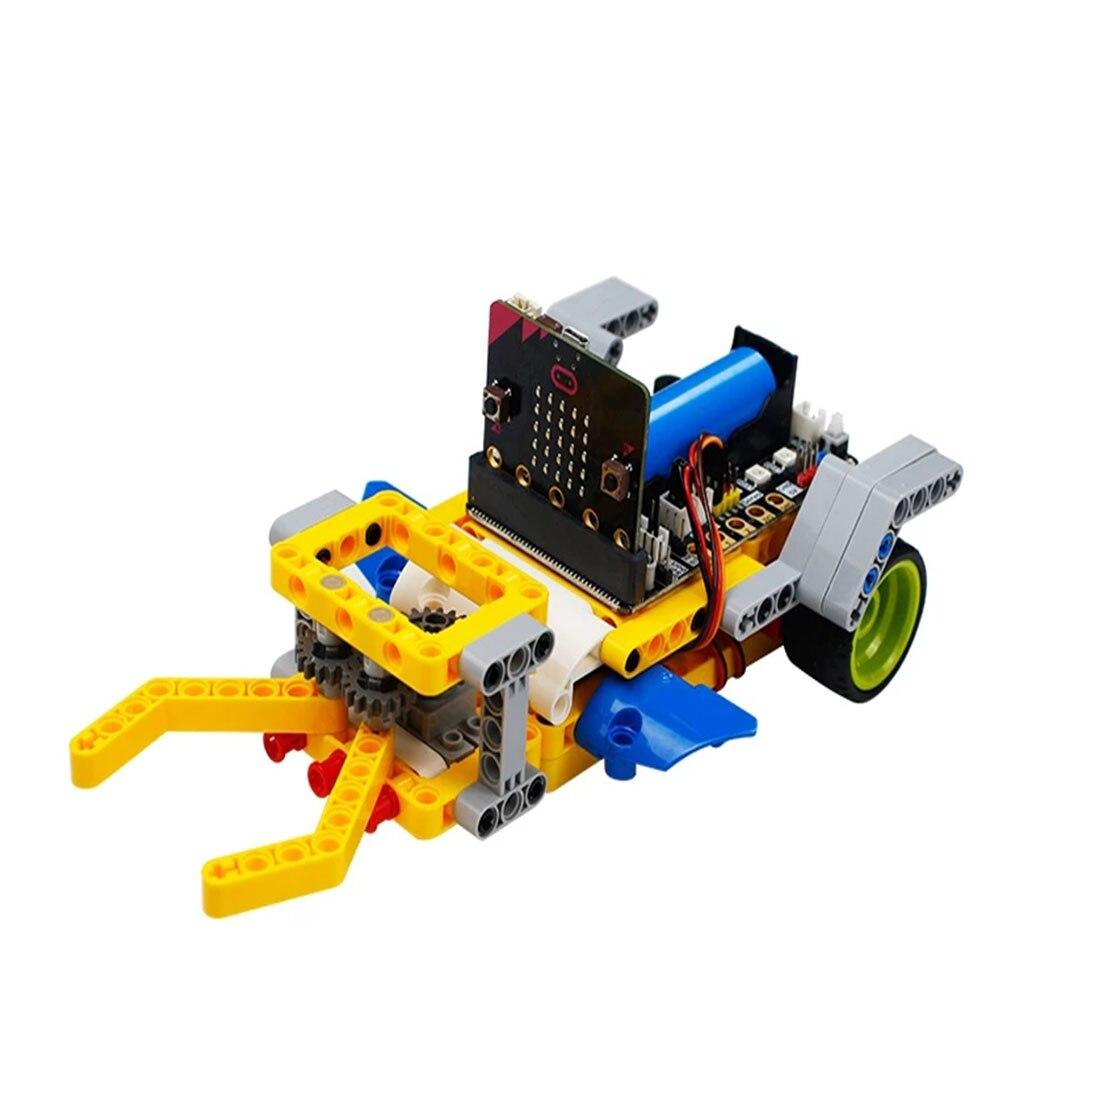 Programm Intelligente Roboter Baustein Auto Kit Verschiedene Formen Dampf Programmierung Bildung Auto Für Micro: Bit Programmierbare Spielzeug - 3